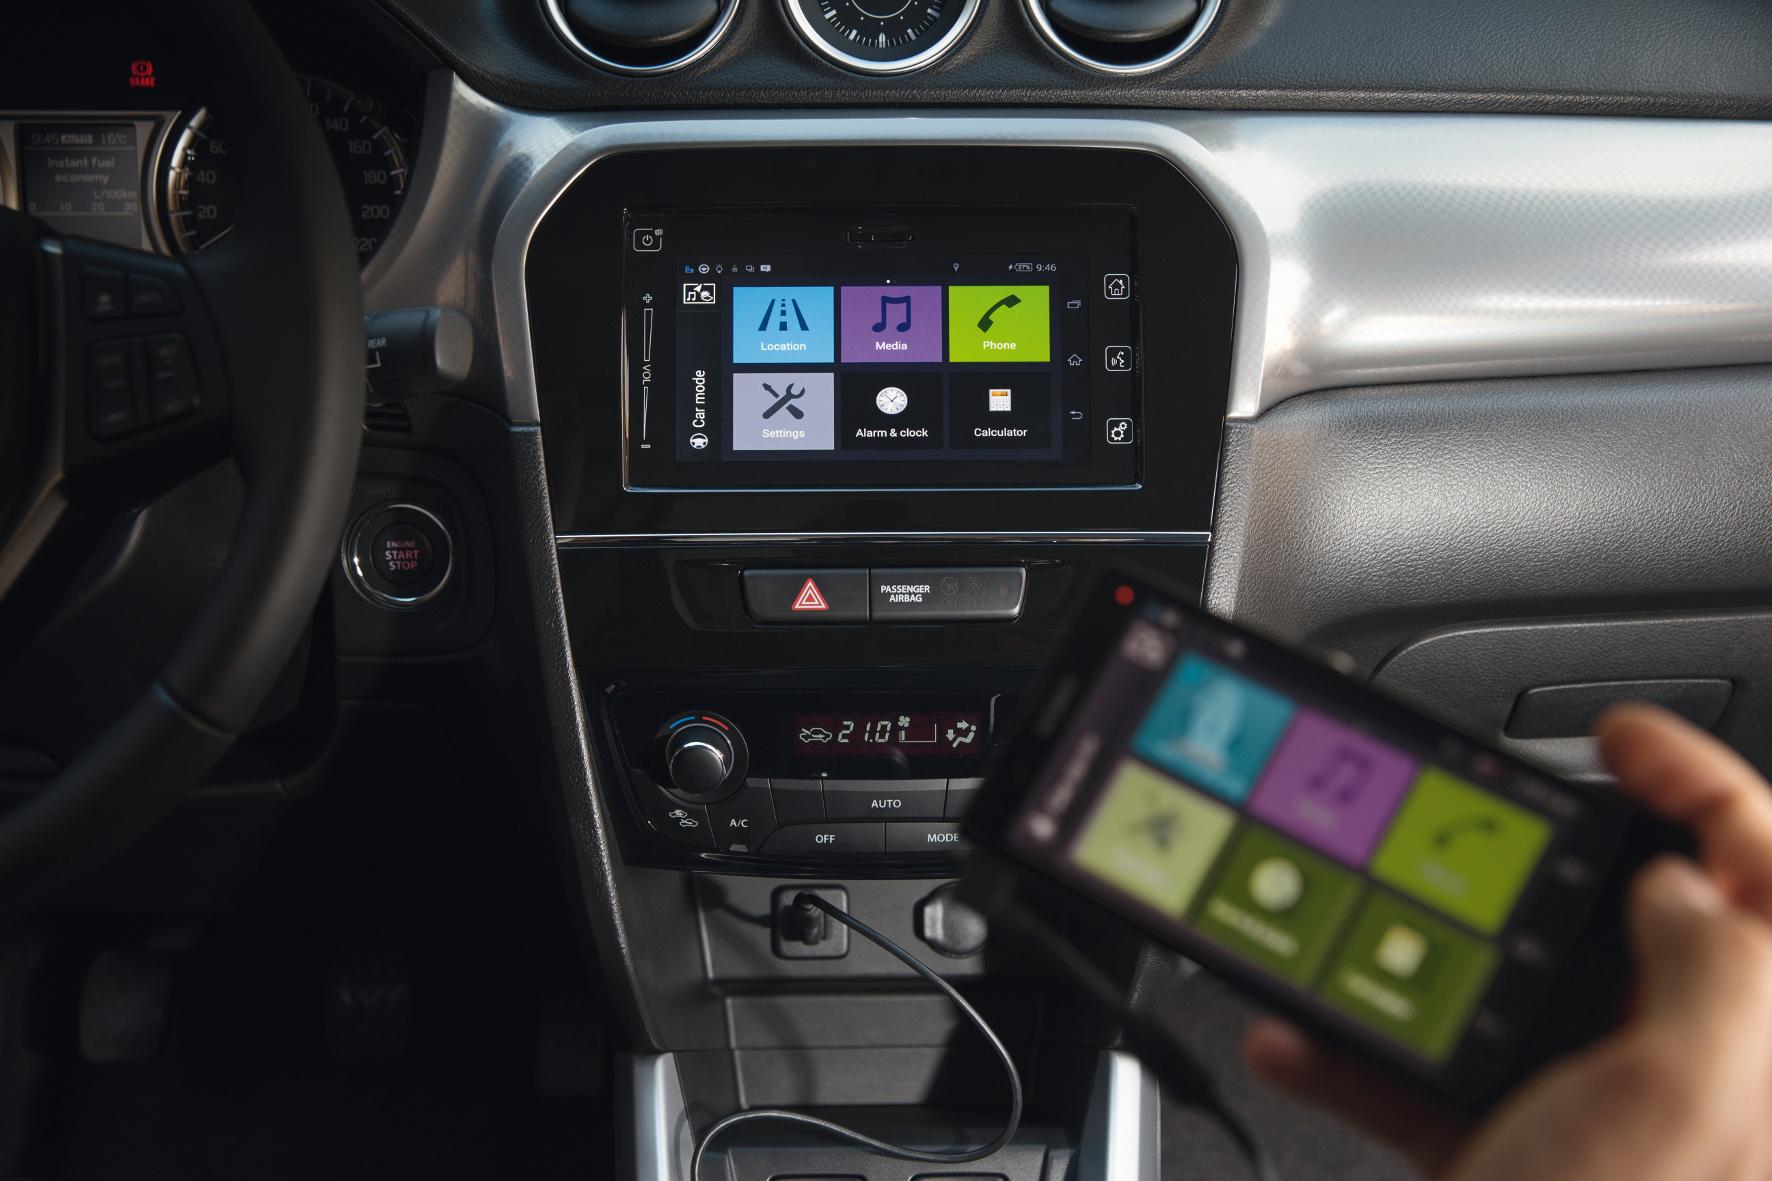 Das Multimedia-System mit Touchscreen und Smartphone-Koppelung im Suzuki Vitara lässt sich einfach bedienen und funktioniert tadellos.